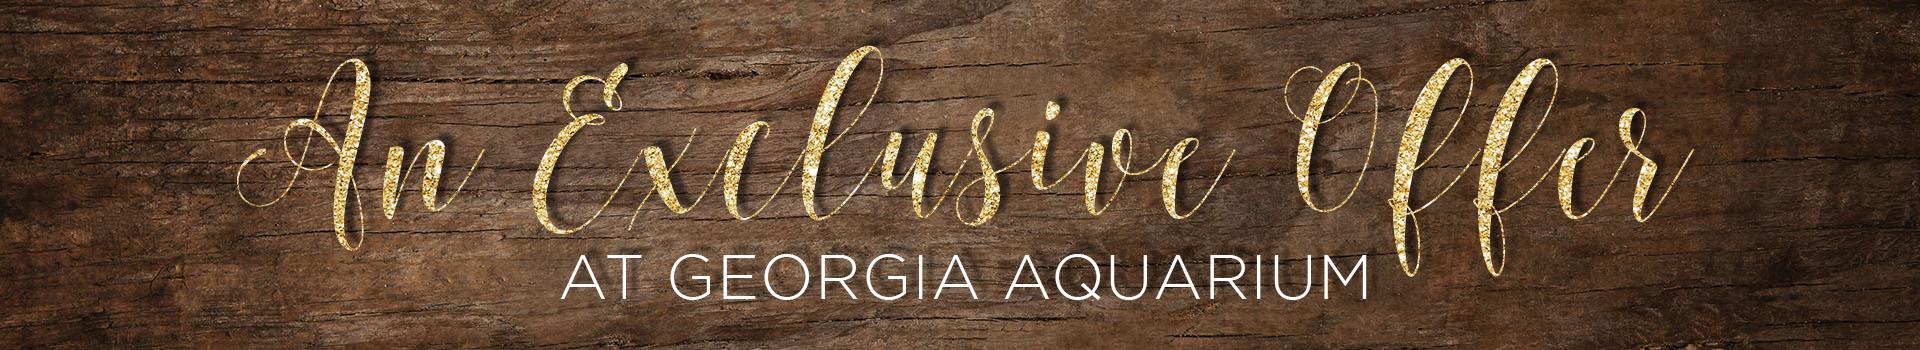 georgiaaquarium_wp_exclusive offer banner